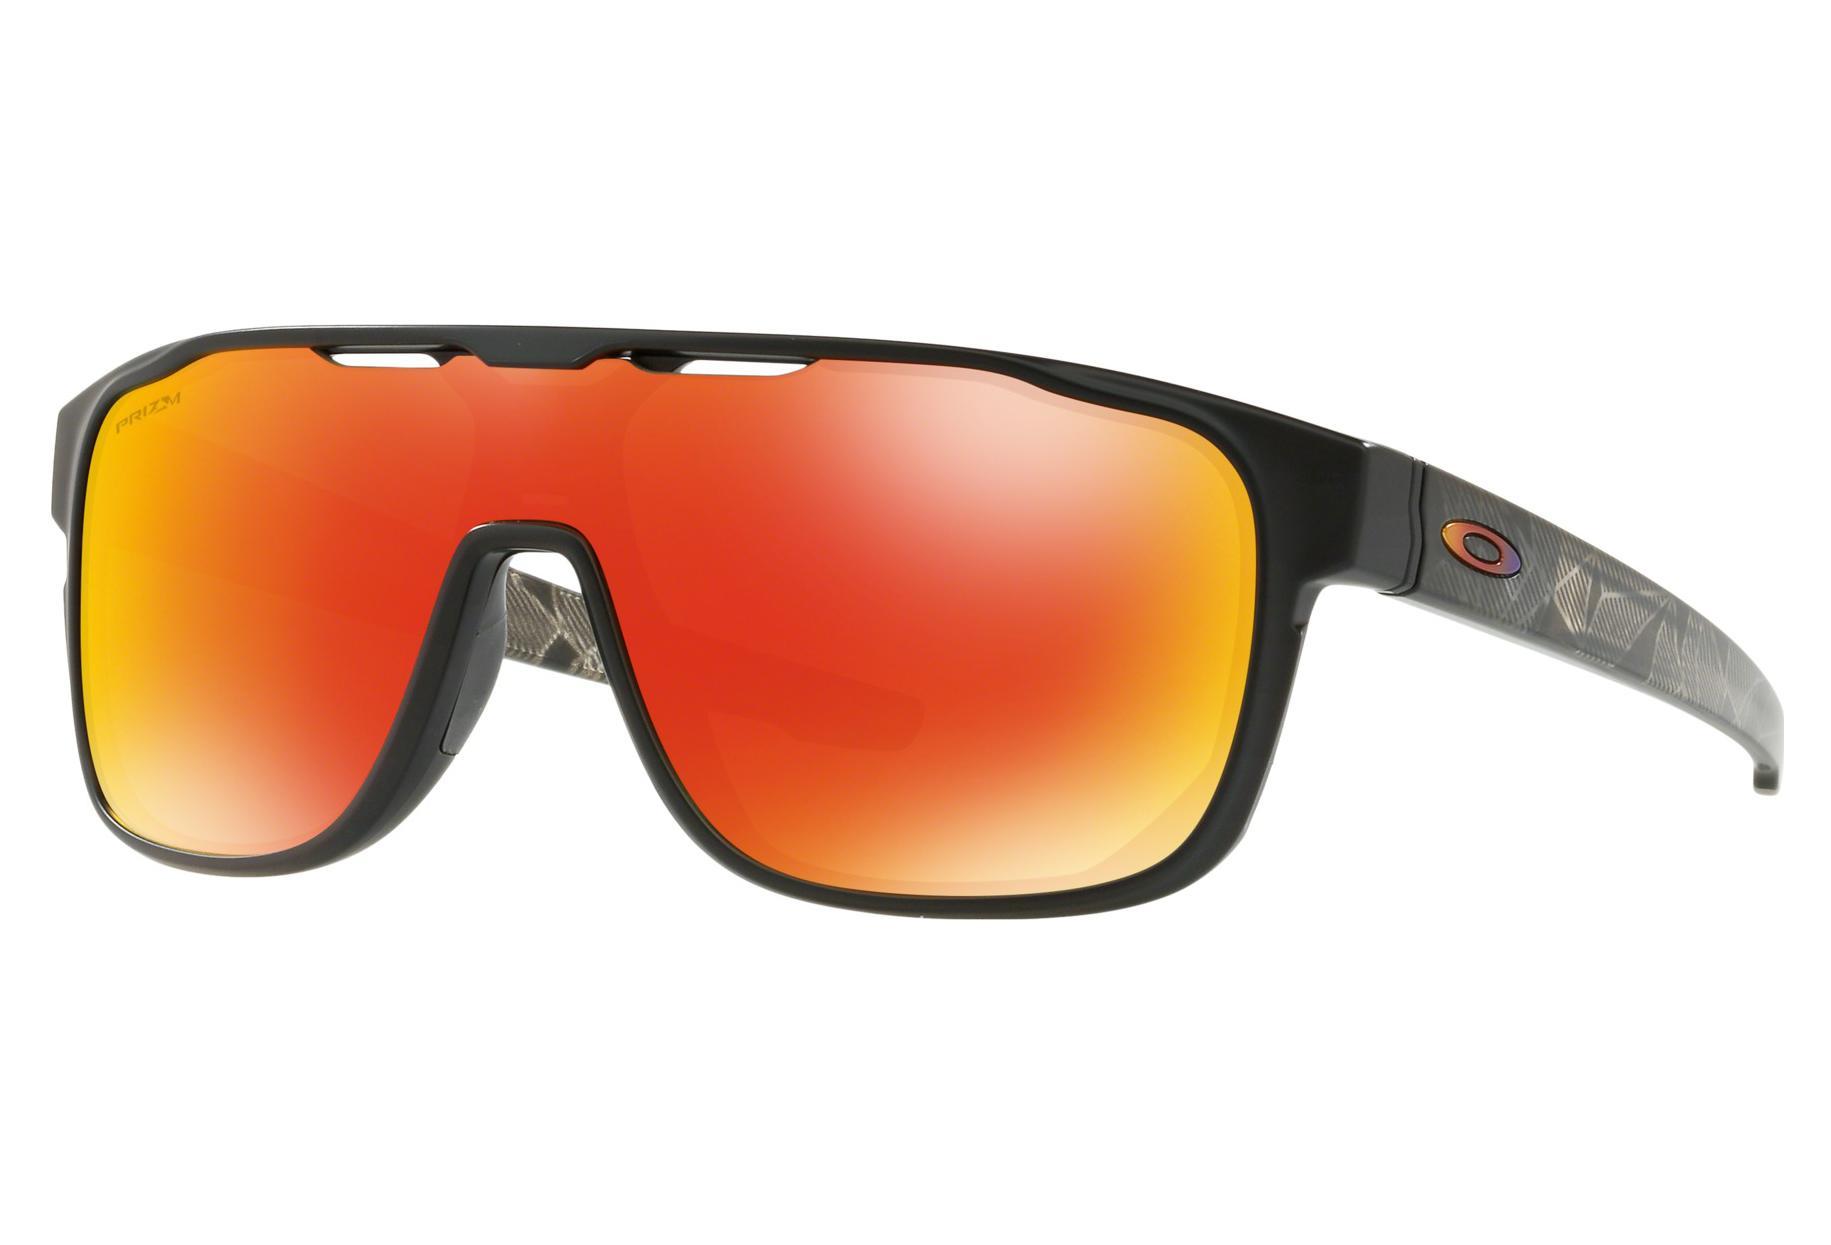 94cc44428 Oakley Sunglasses Crossrange Shield Prizmatic Collection / Matte Black  Prizmatic / Prizm Ruby / Ref. OO9387-0931   Alltricks.com